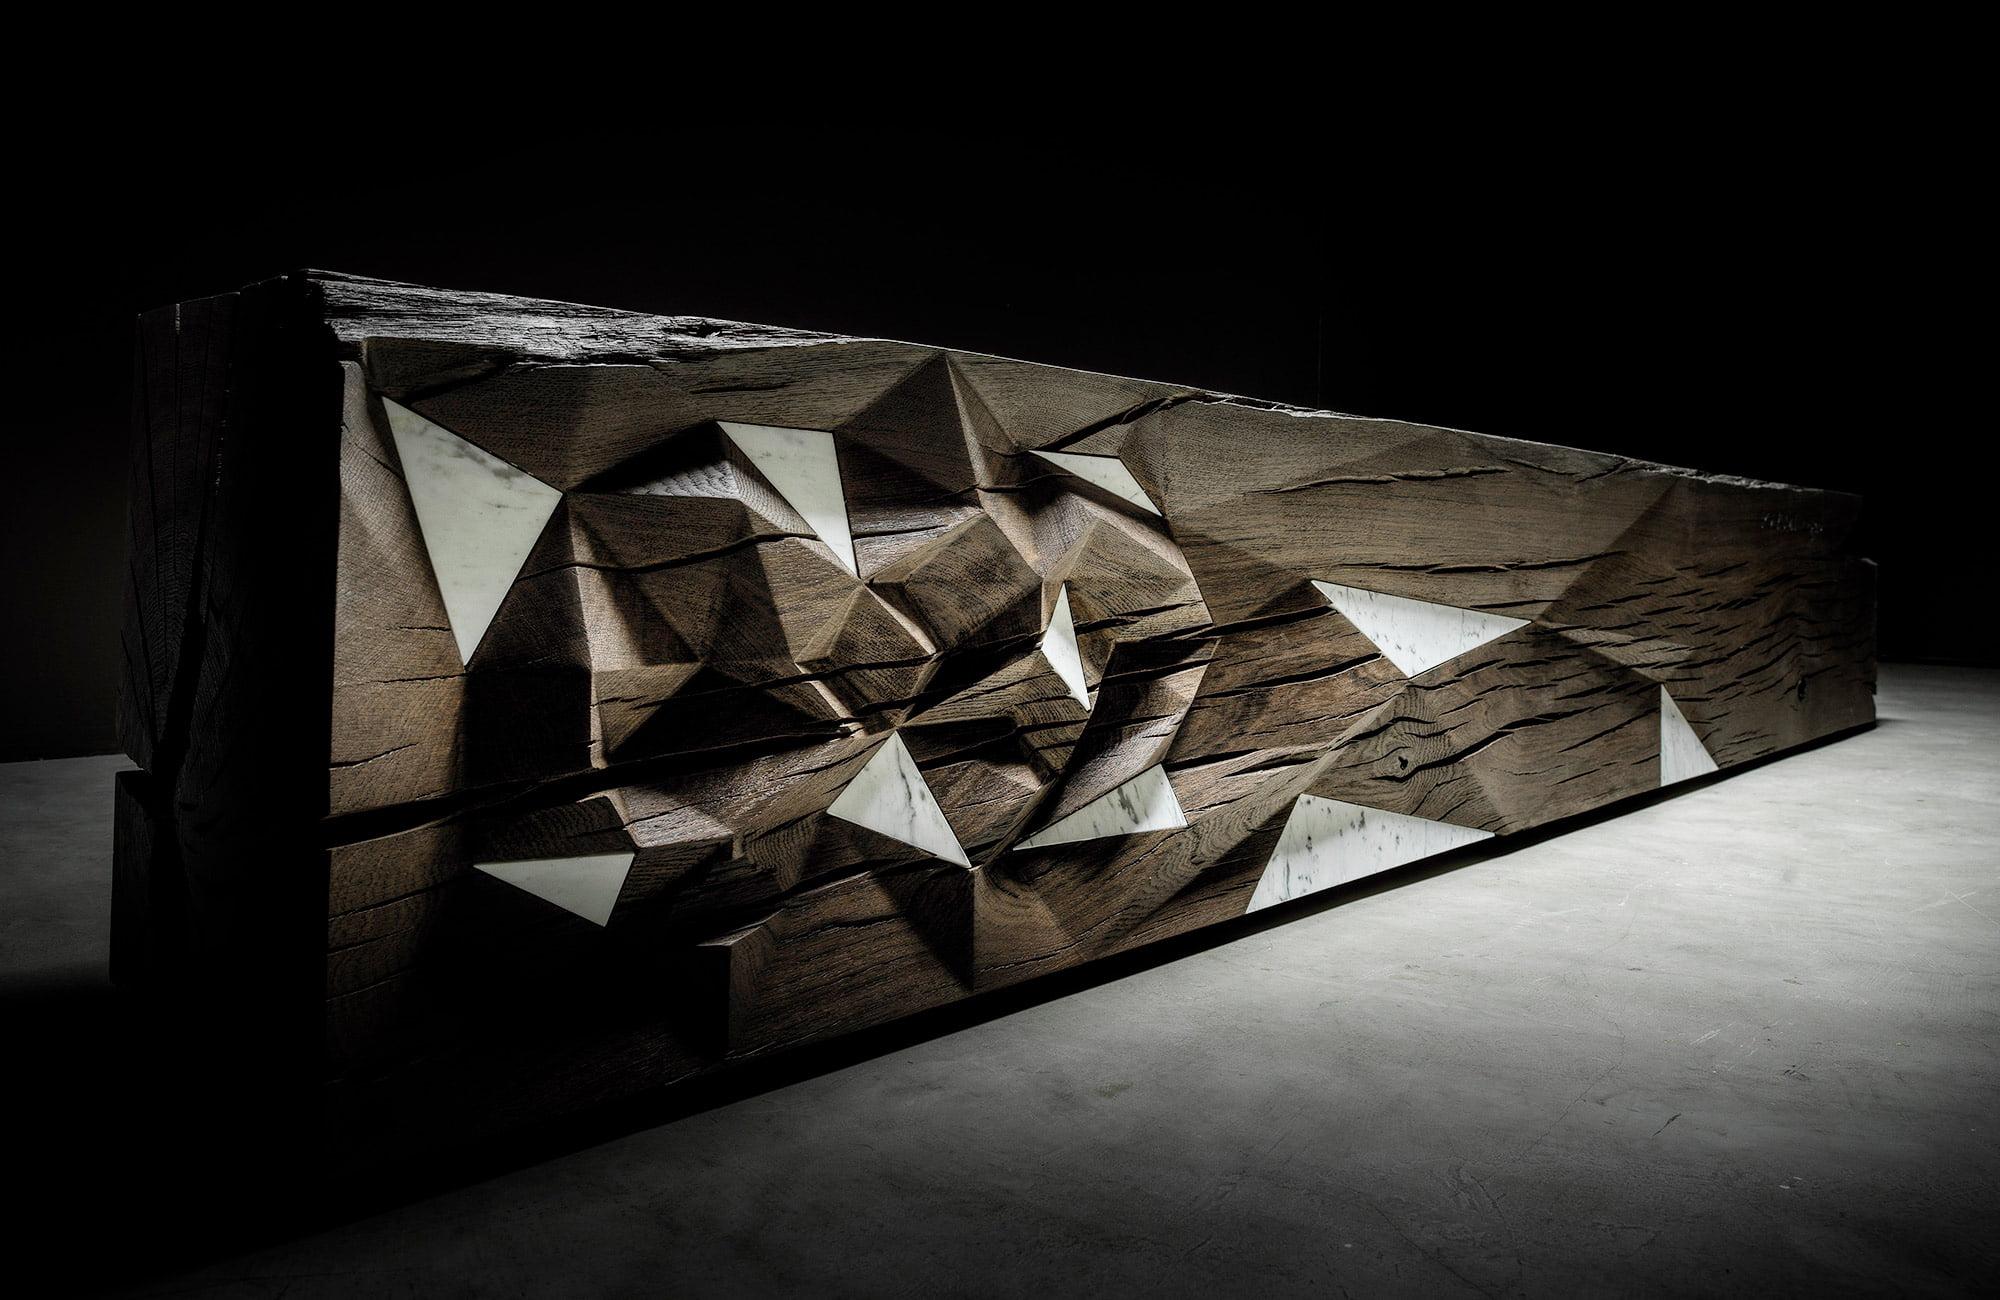 teúkhō fossil wood furniture